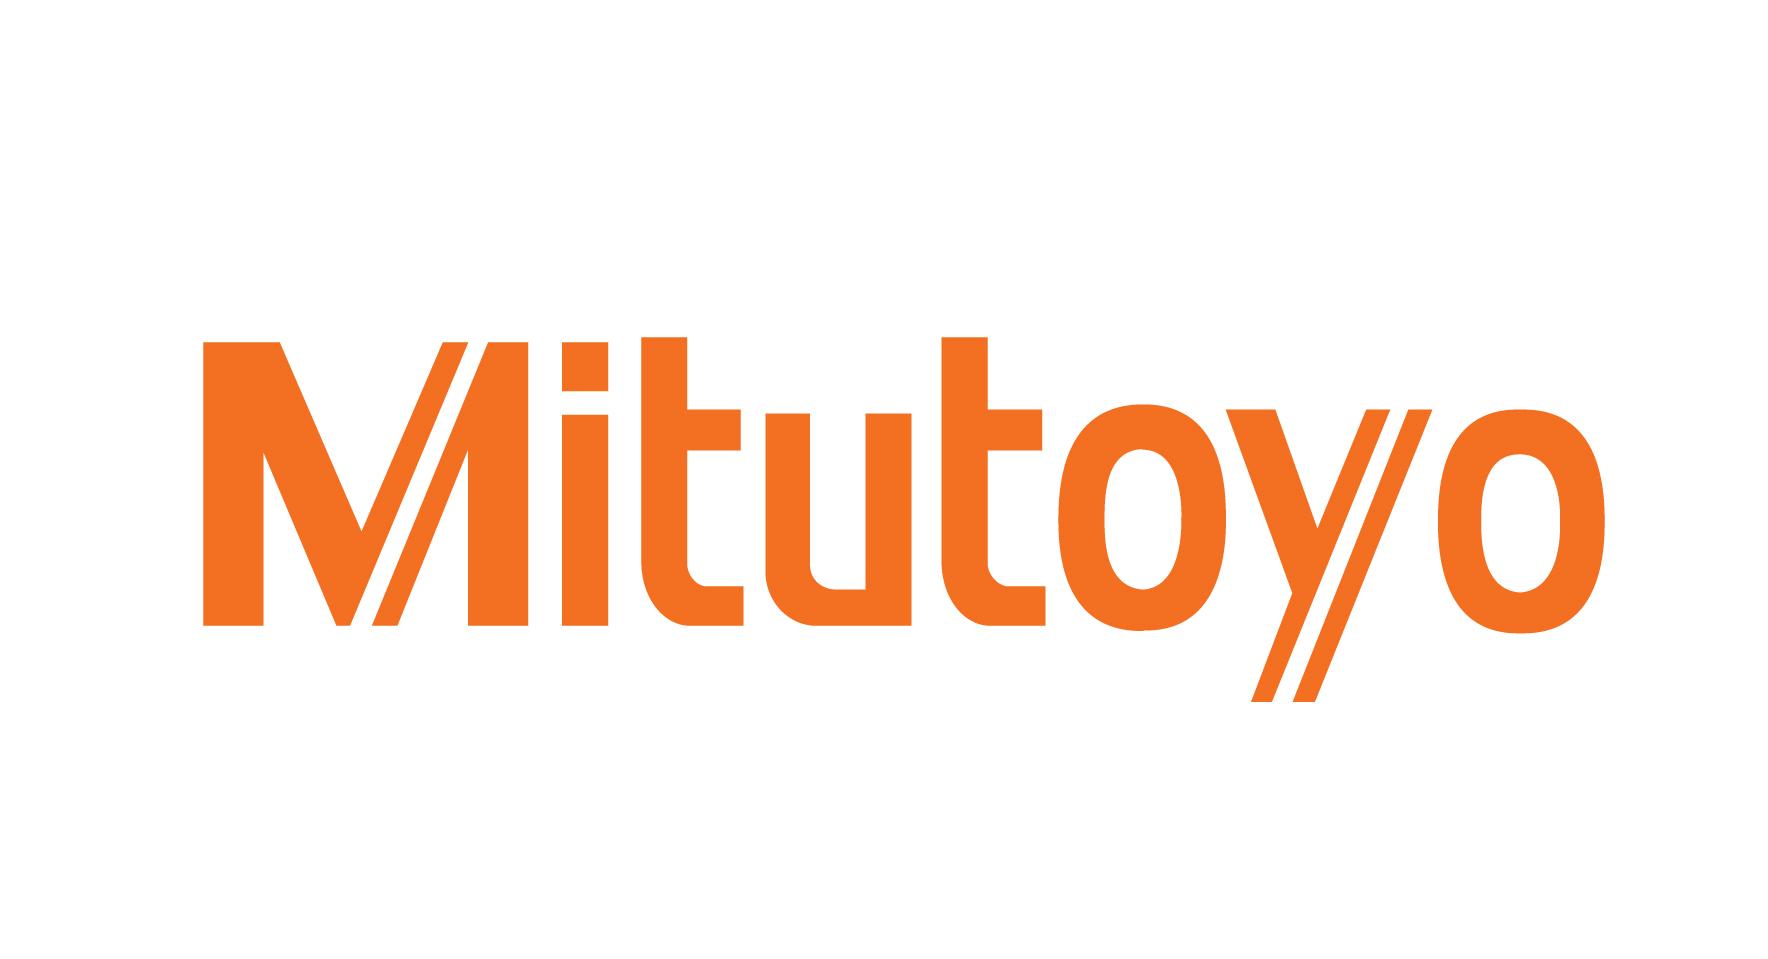 เครื่องมือวัดและควบคุมในงานอุตสาหกรรมจาก MITUTOYO